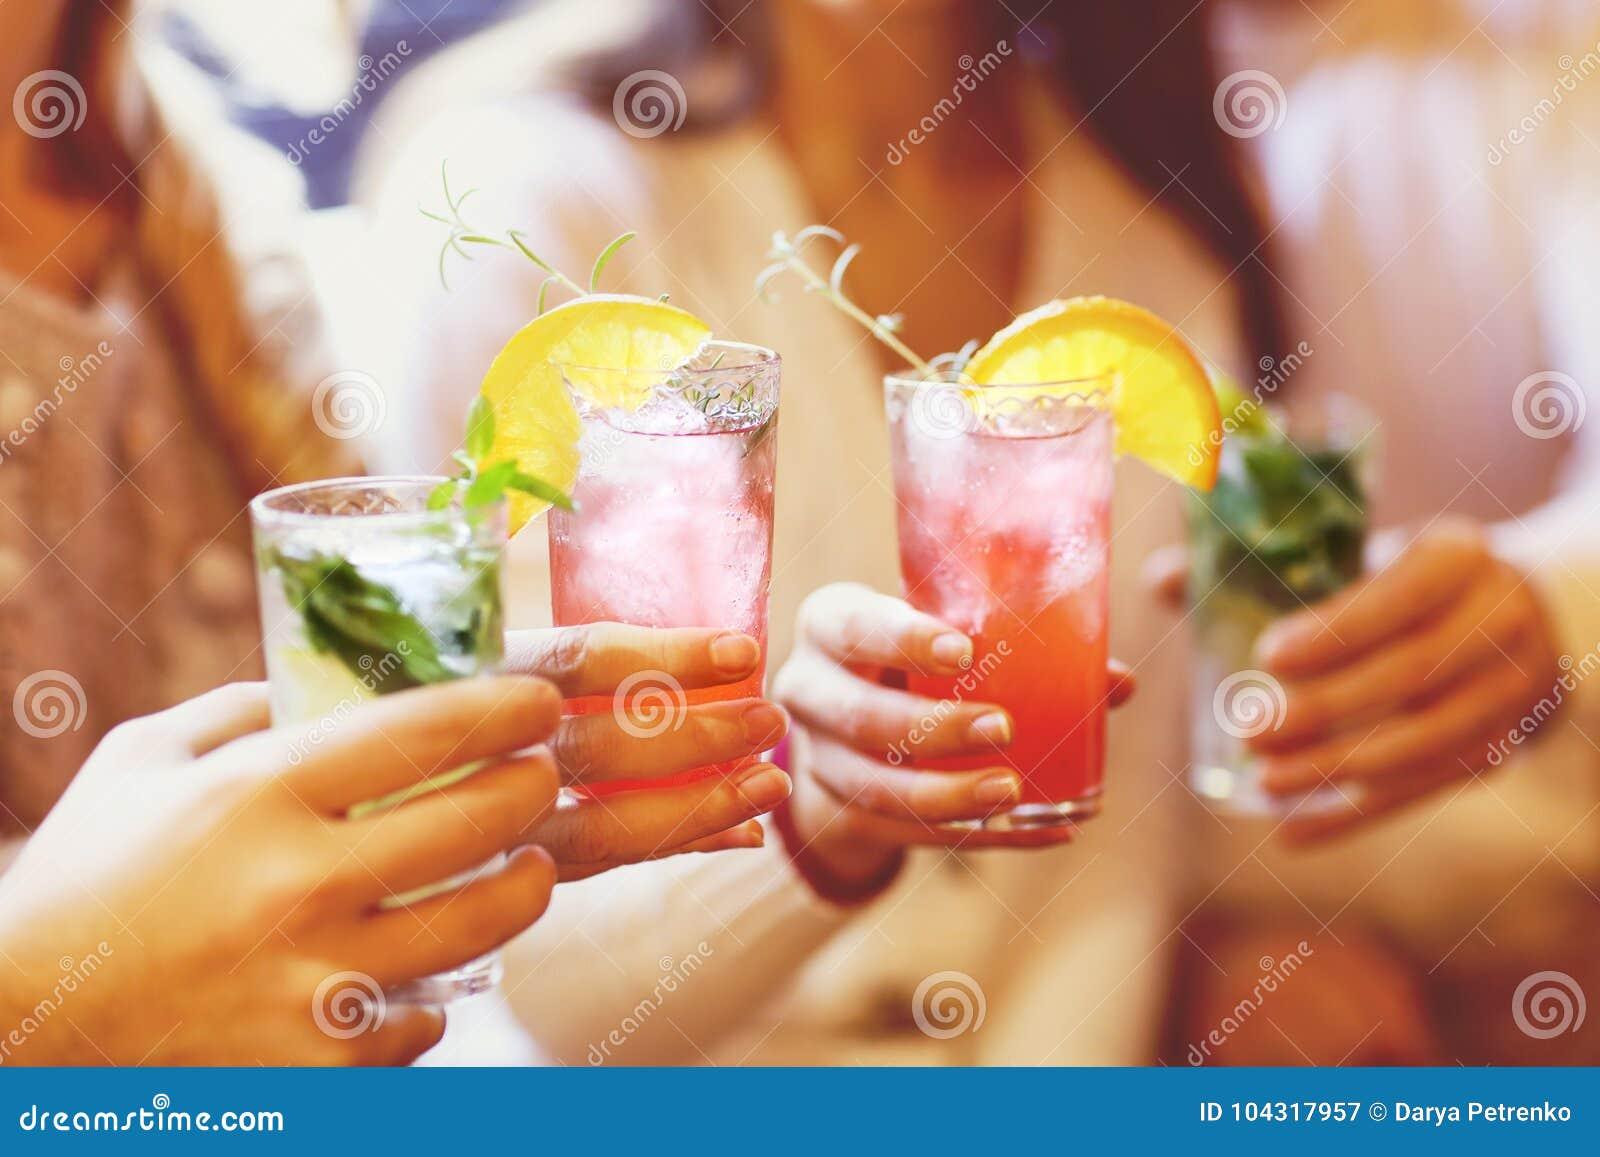 Junge Männer und Frauen, die Cocktail an der Partei trinken